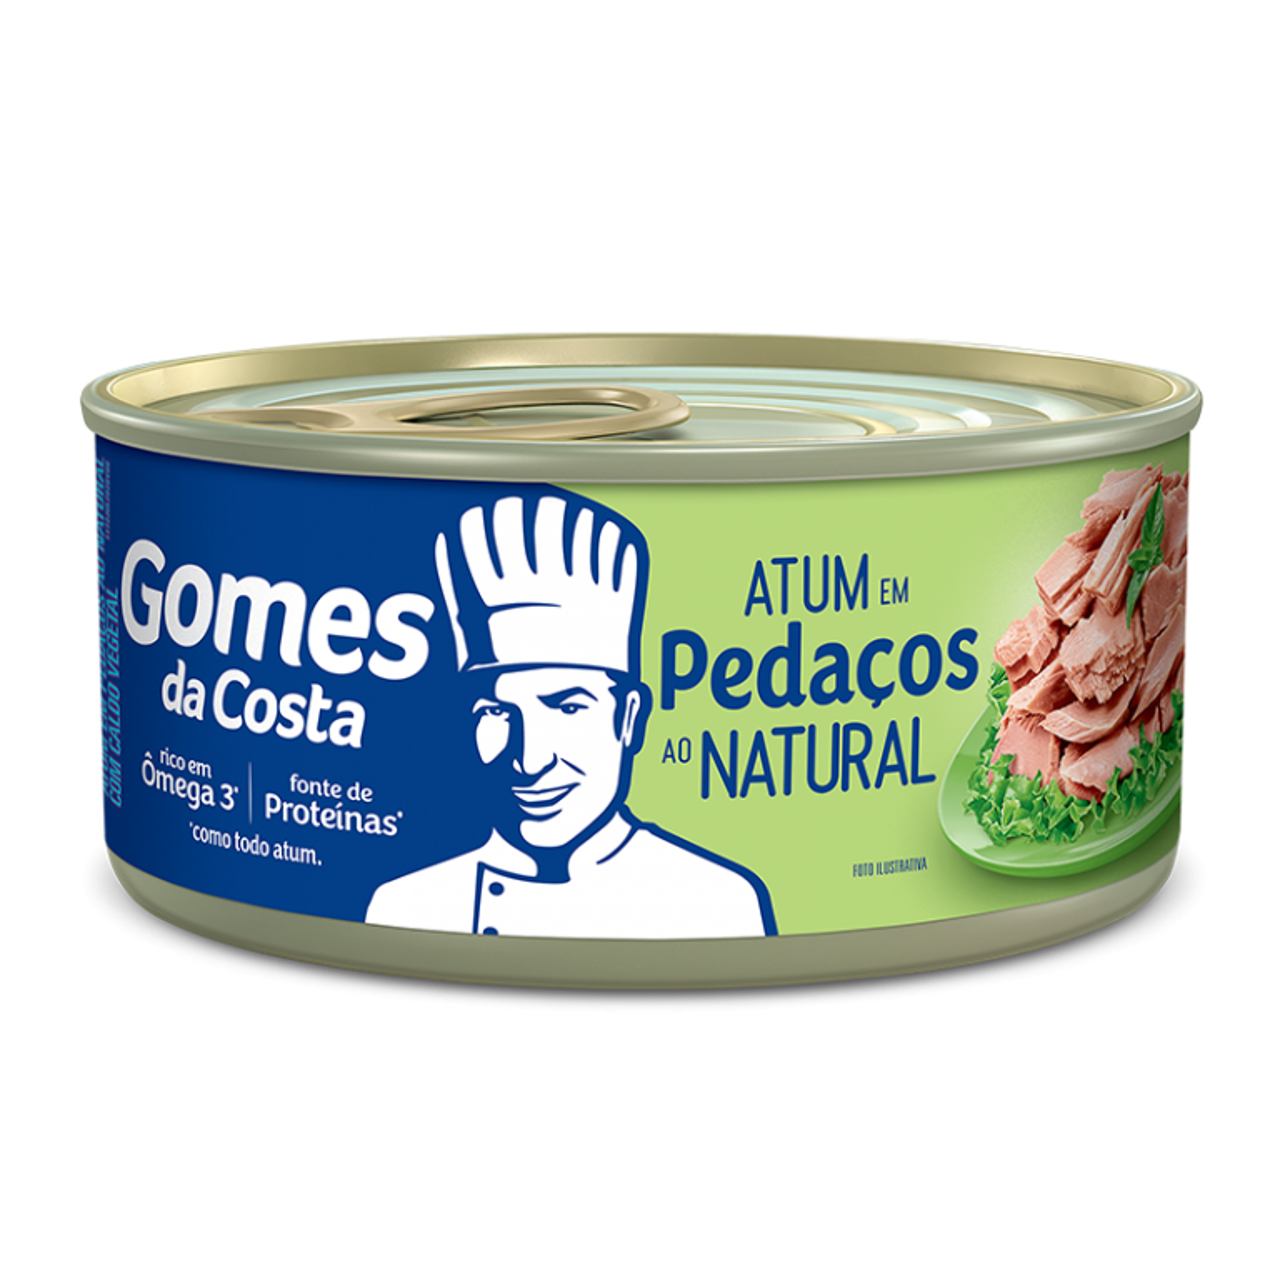 atum pedaços natural Gomes Da Costa